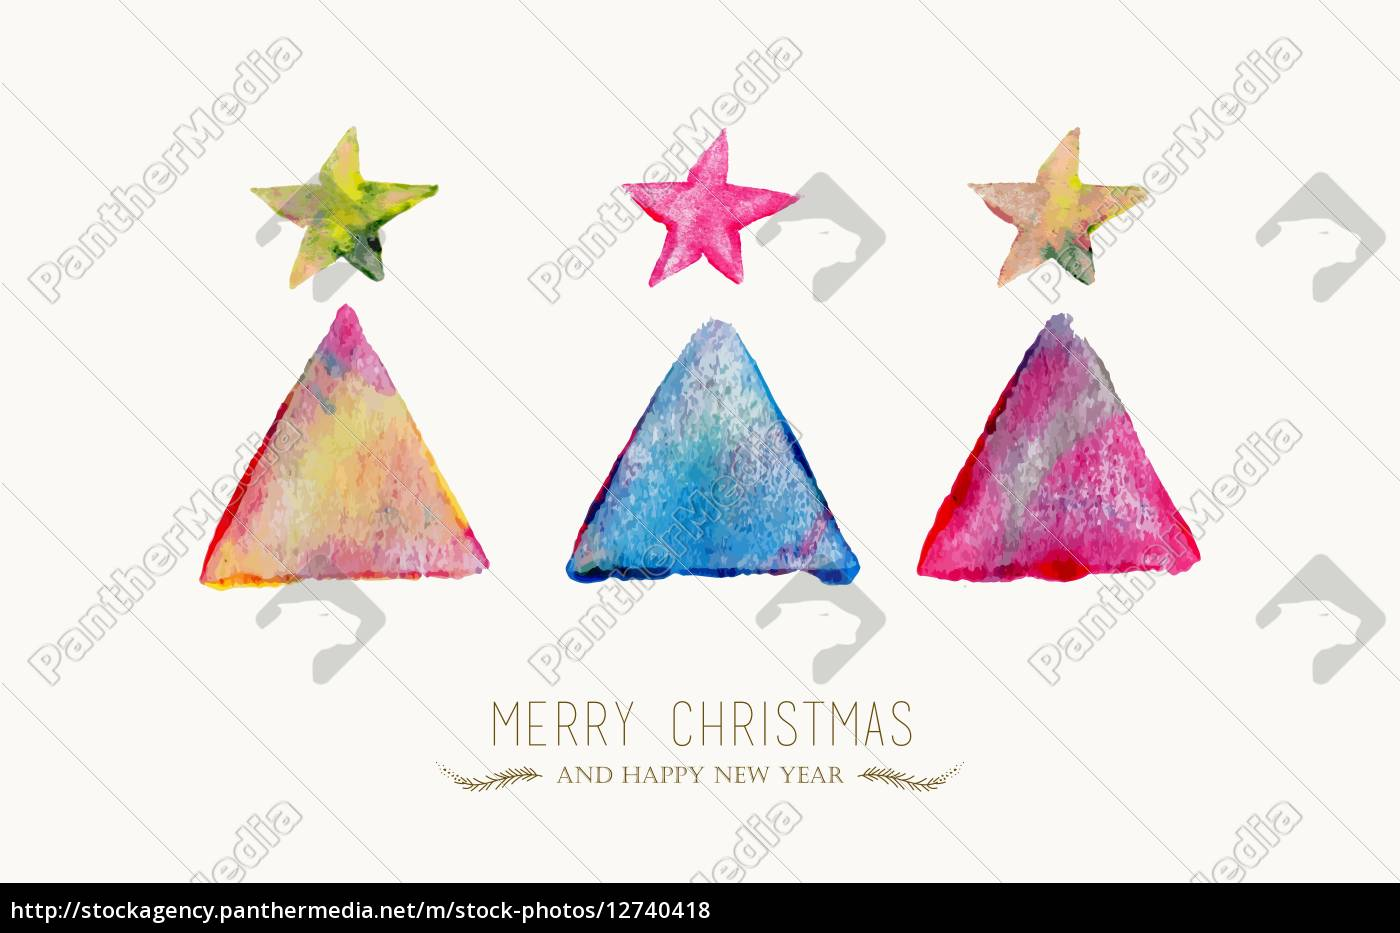 Frohe Weihnachten Hindi.Stockfoto 12740418 Frohe Weihnachten Kiefer Aquarell Grusskarte